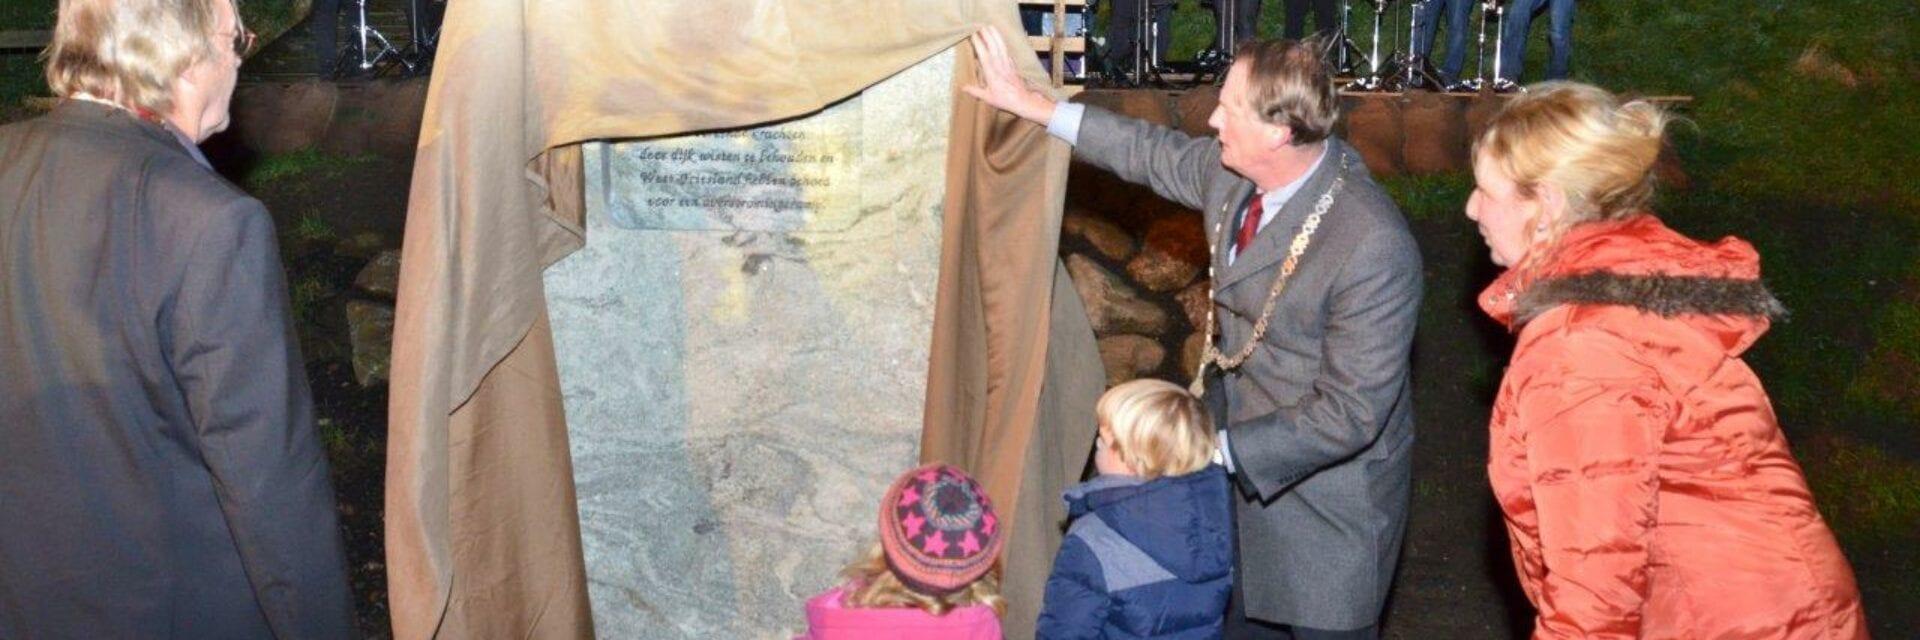 Herdenkingsbijeenkomst van de stormvloed 1916. De burgemeester onthult met twee kinderen en ouders het monument.